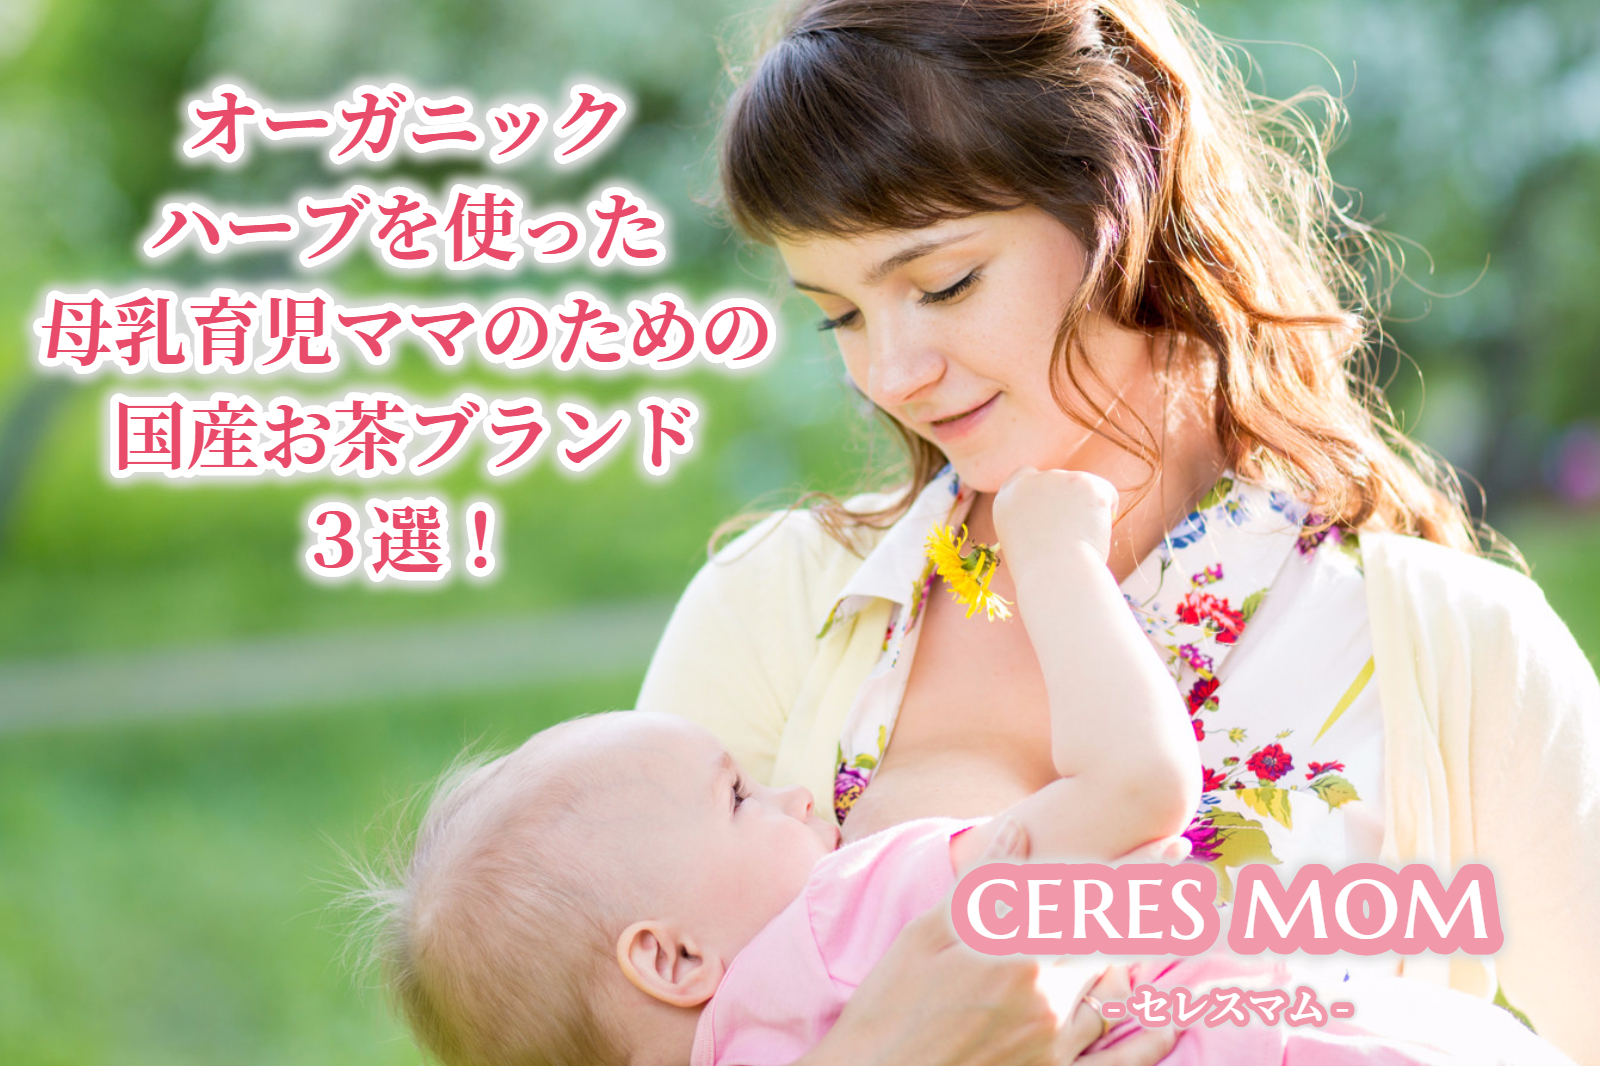 オーガニックハーブを使った母乳育児ママのための国産お茶ブランド3選!